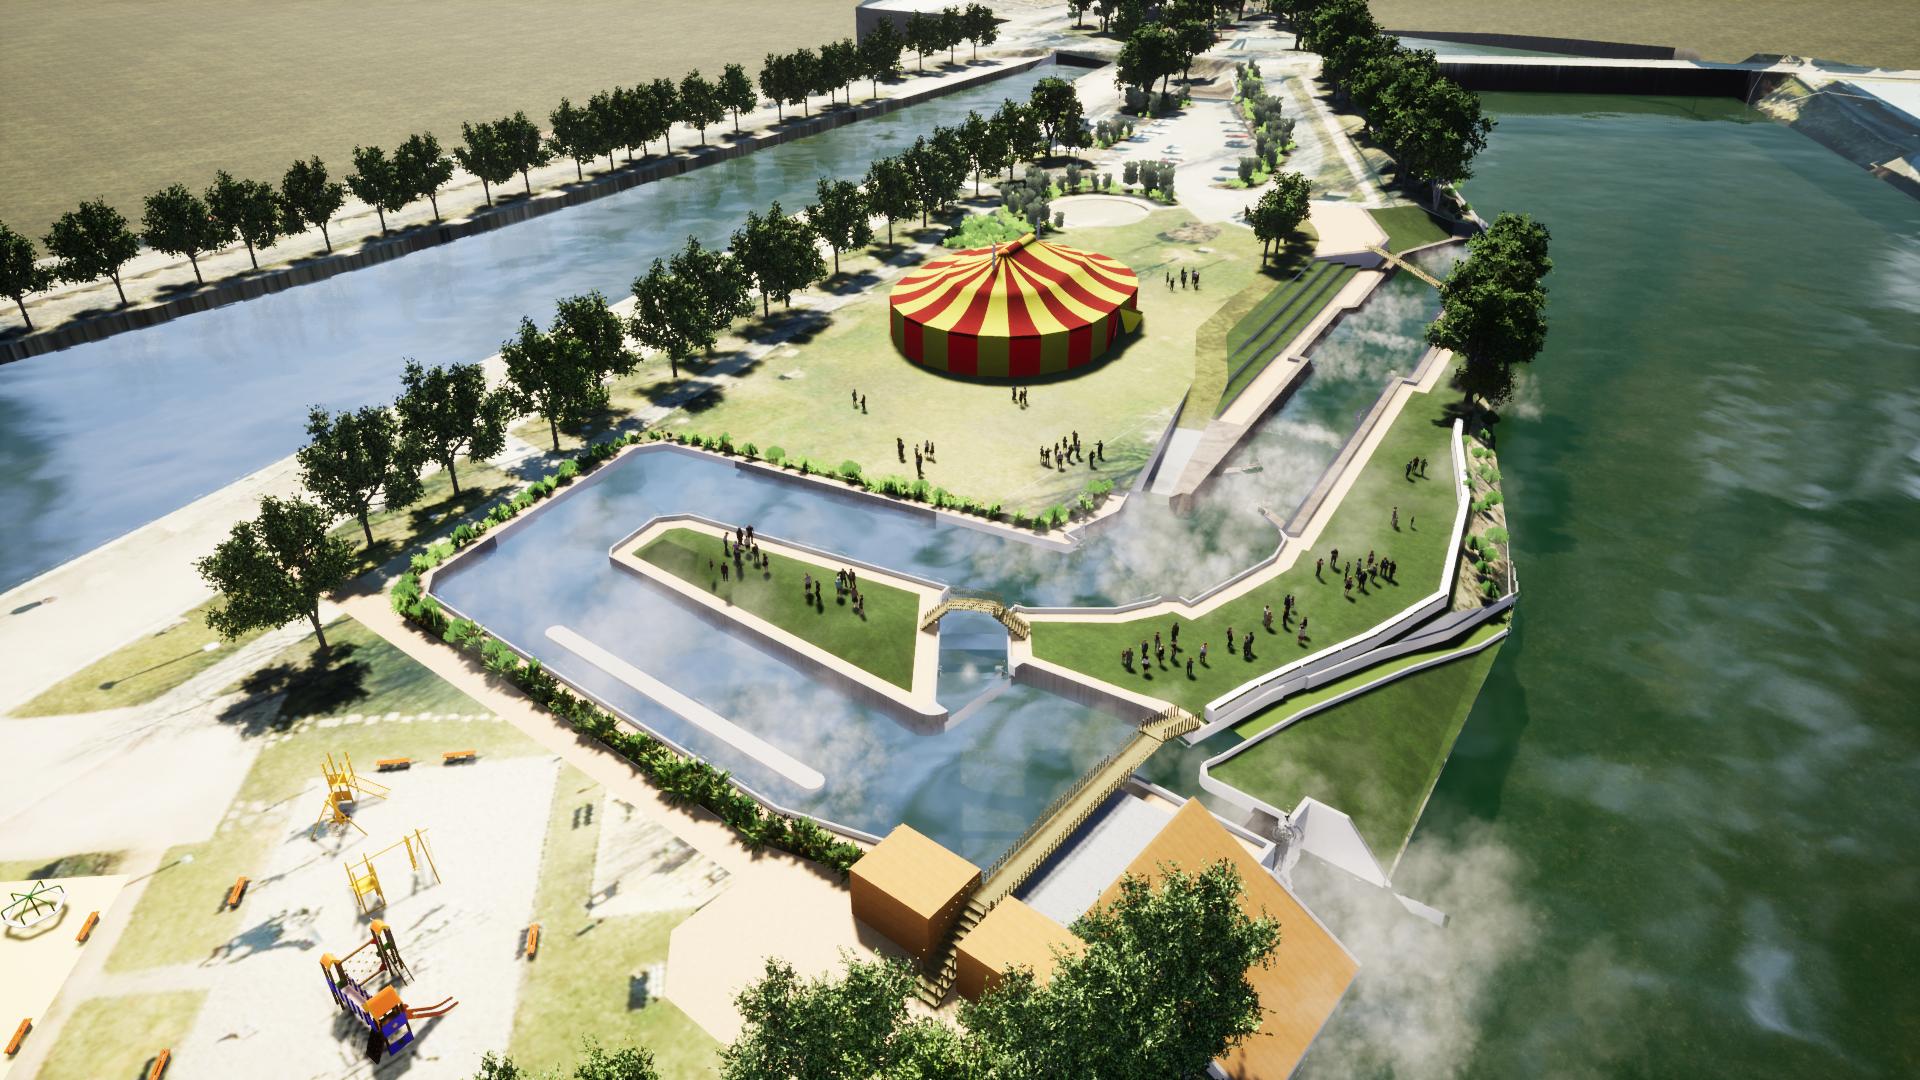 Stade d'eaux vives au port : découvrez le projet !